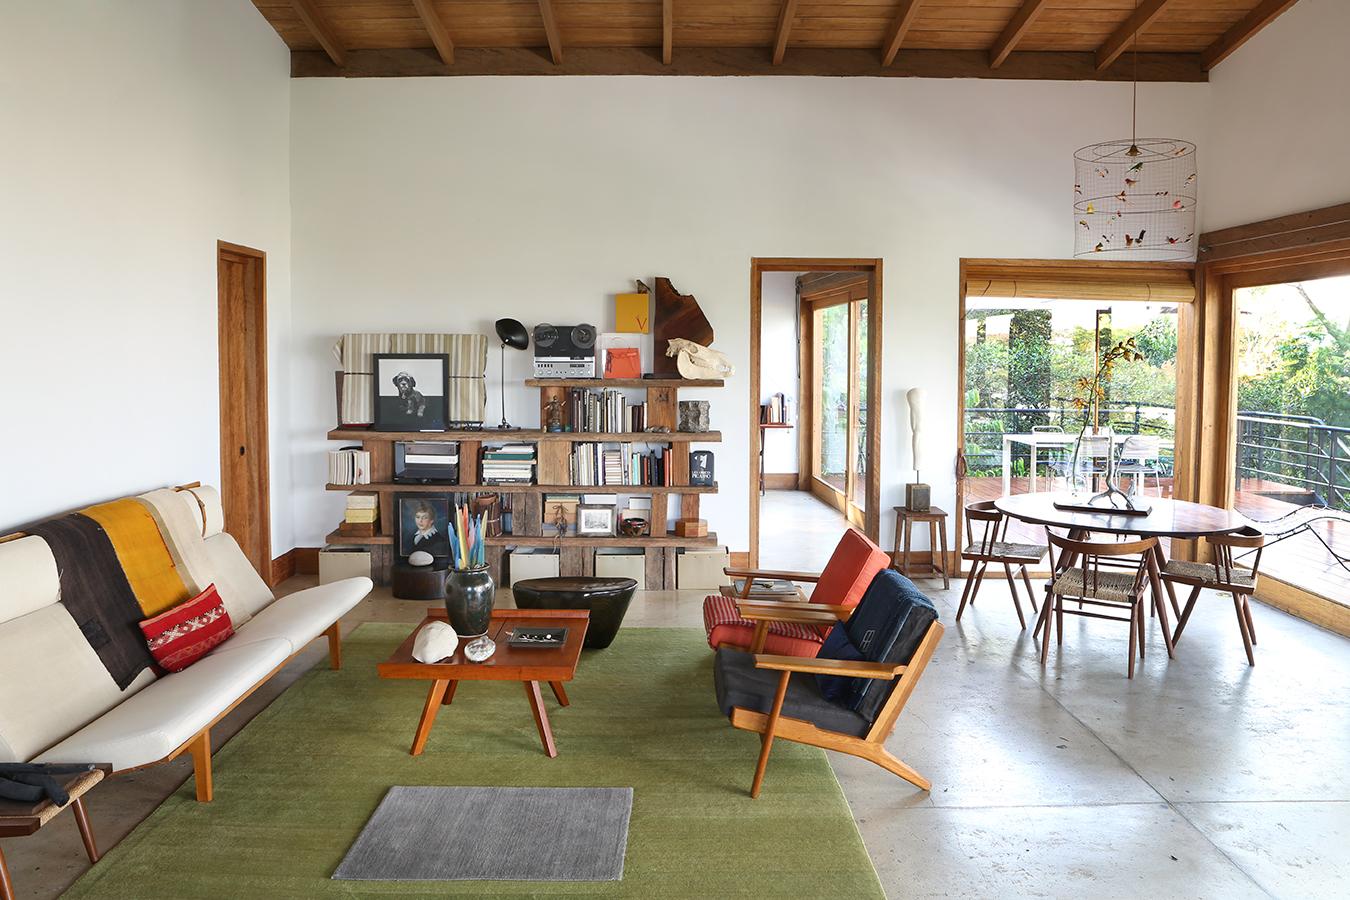 El sofá y las dos sillas de la sala son un diseño sueco de los años cincuenta; el comedor es de George Nakashima. La biblioteca del fondo se construyó con pedazos de madera rústica. Sobre esta hay un óleo de Pucha, la perrita de la dueña, un pastel de 1800 comprado en un anticuario de Nueva York, un Revox suizo de los años sesenta y libros de arquitectura y fotografía.